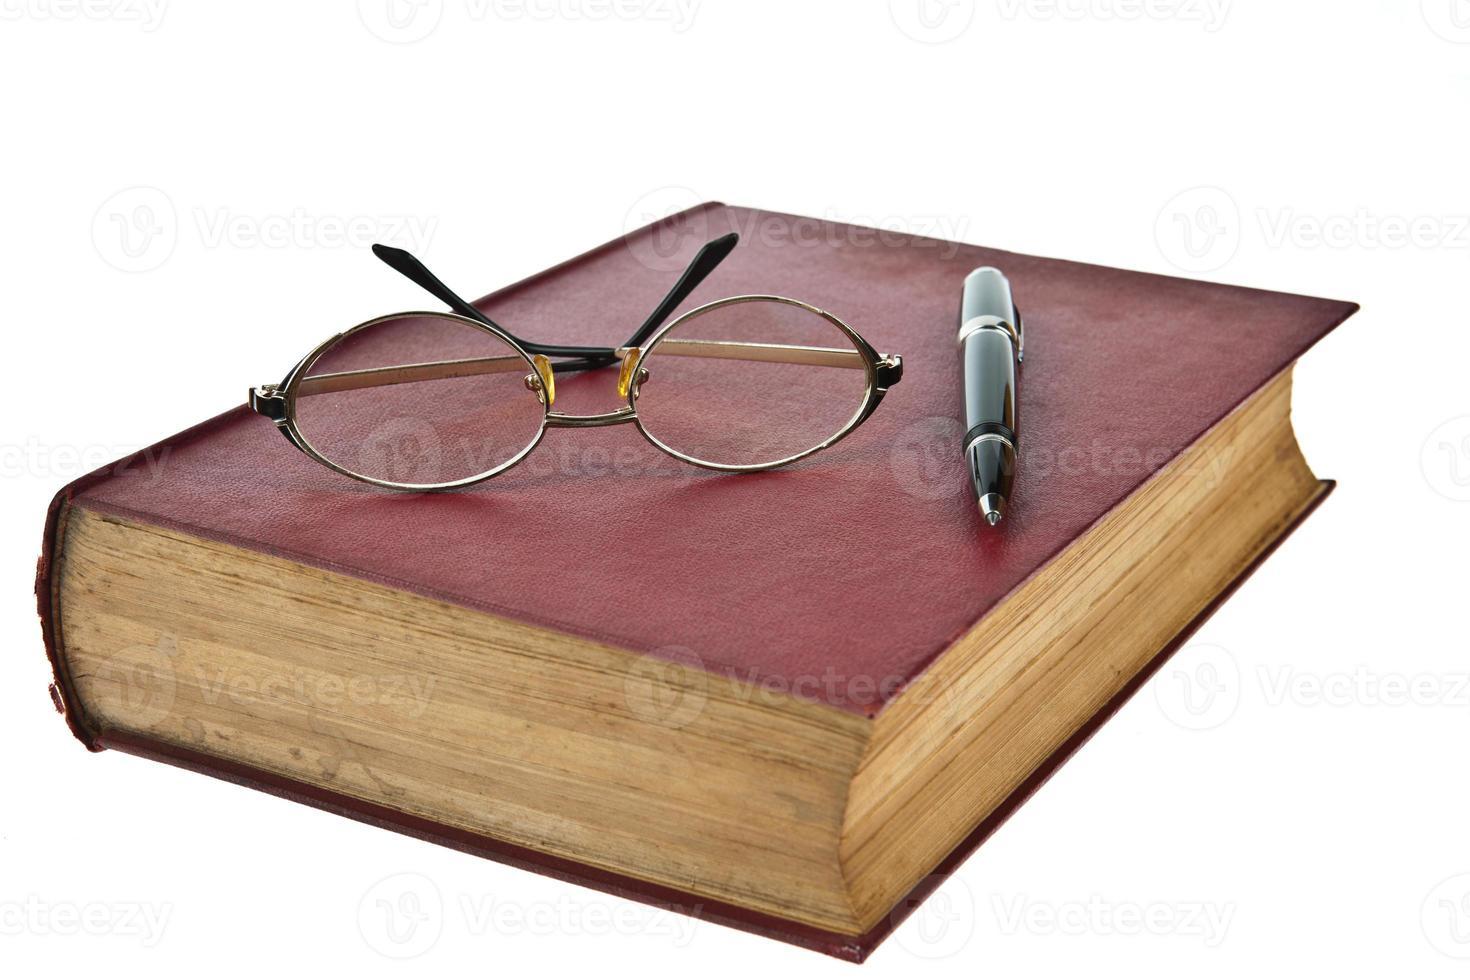 livros antigos com óculos e caneta isolado no branco foto